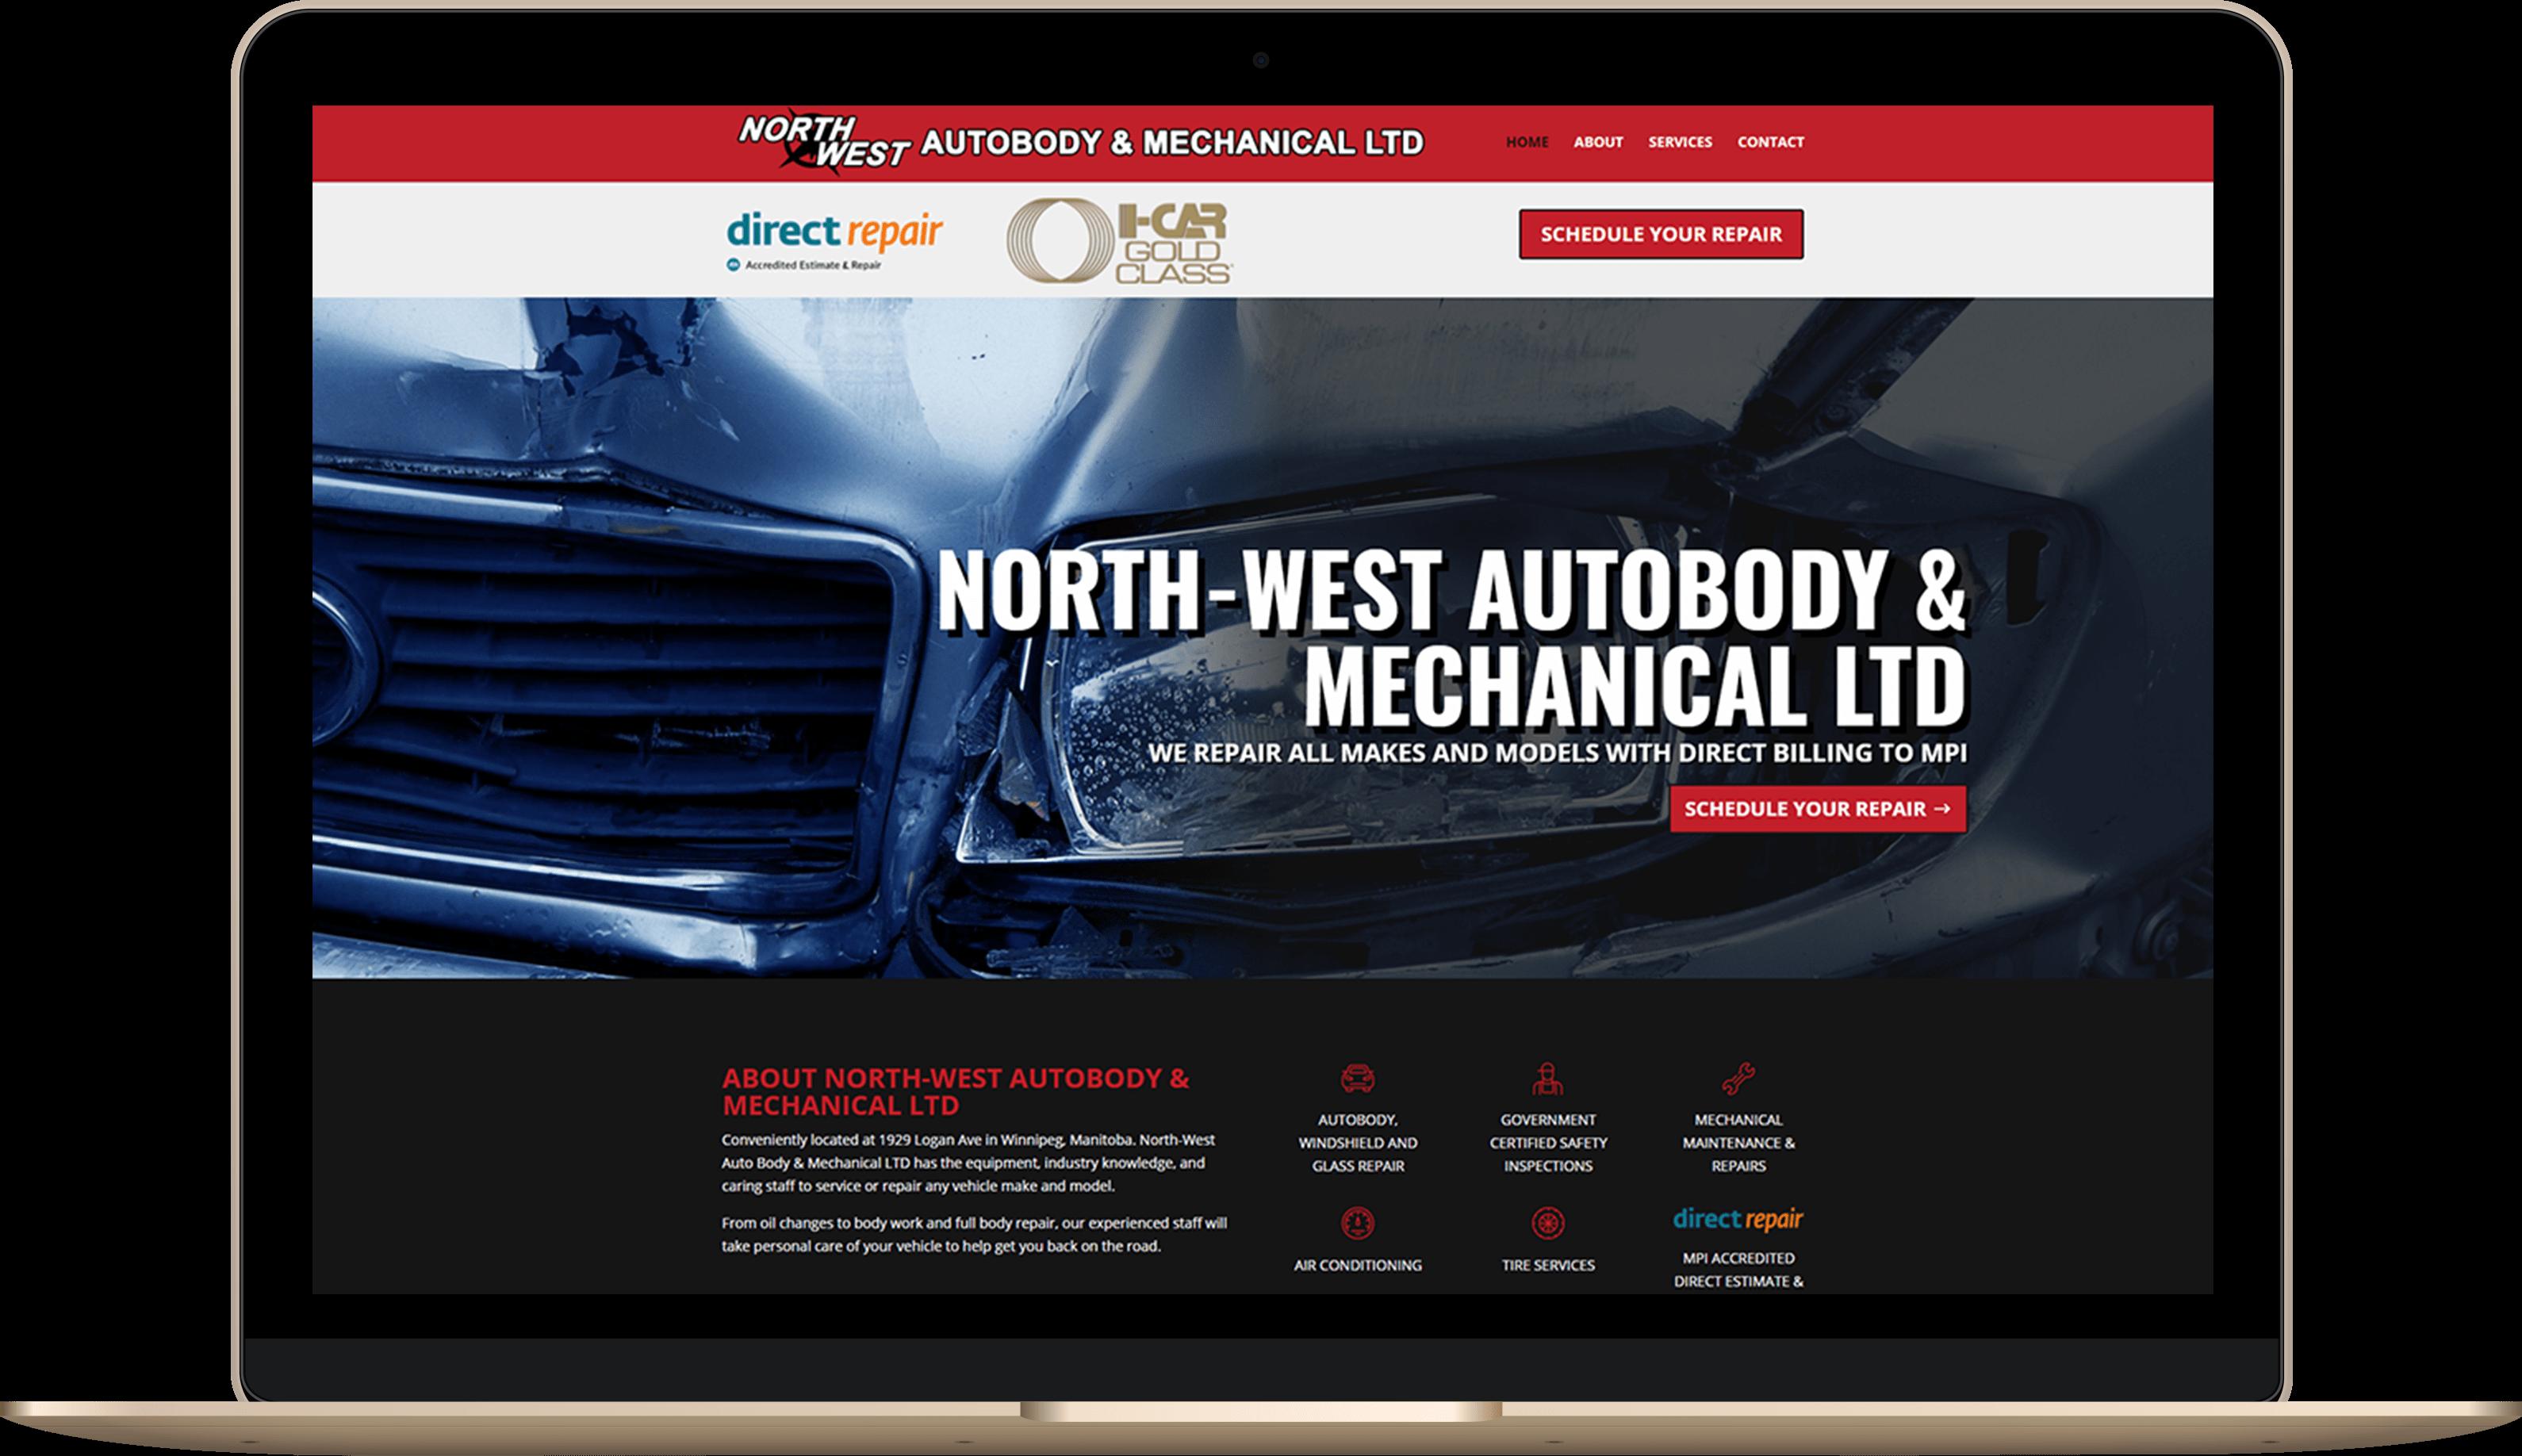 Website for an auto repair shop in Winnipeg